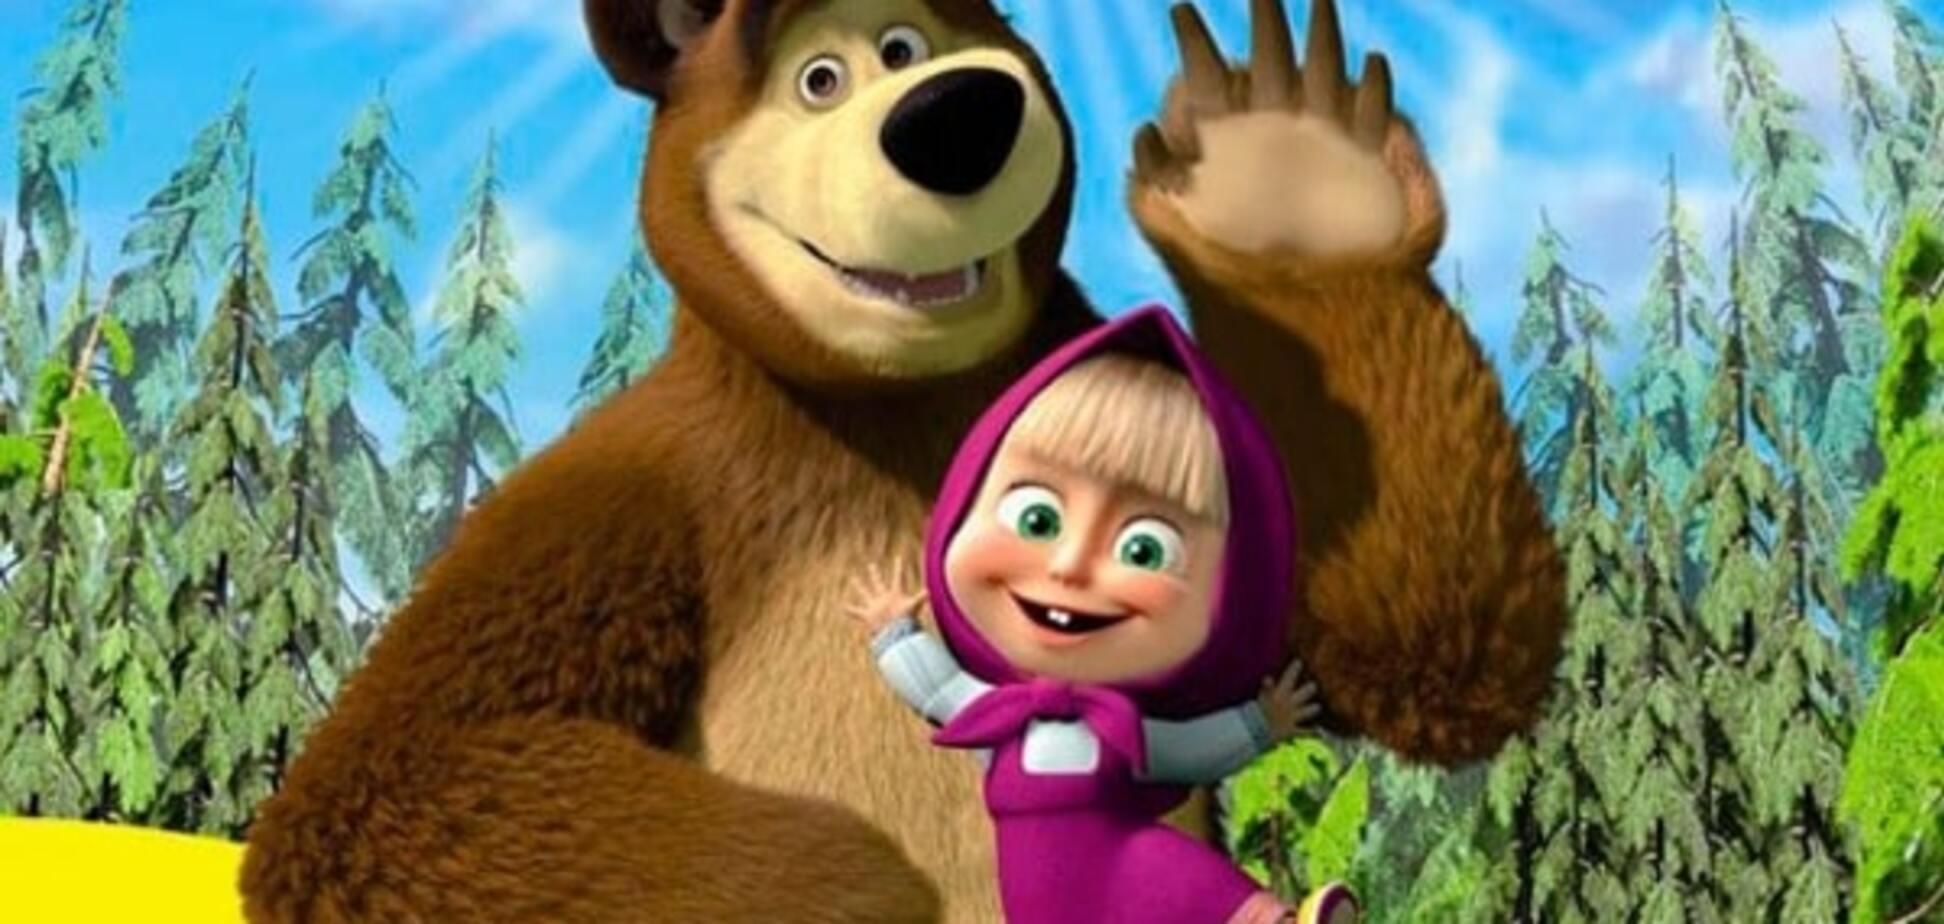 Новая серия мультфильма 'Маша и Медведь' стала хитом на Youtube